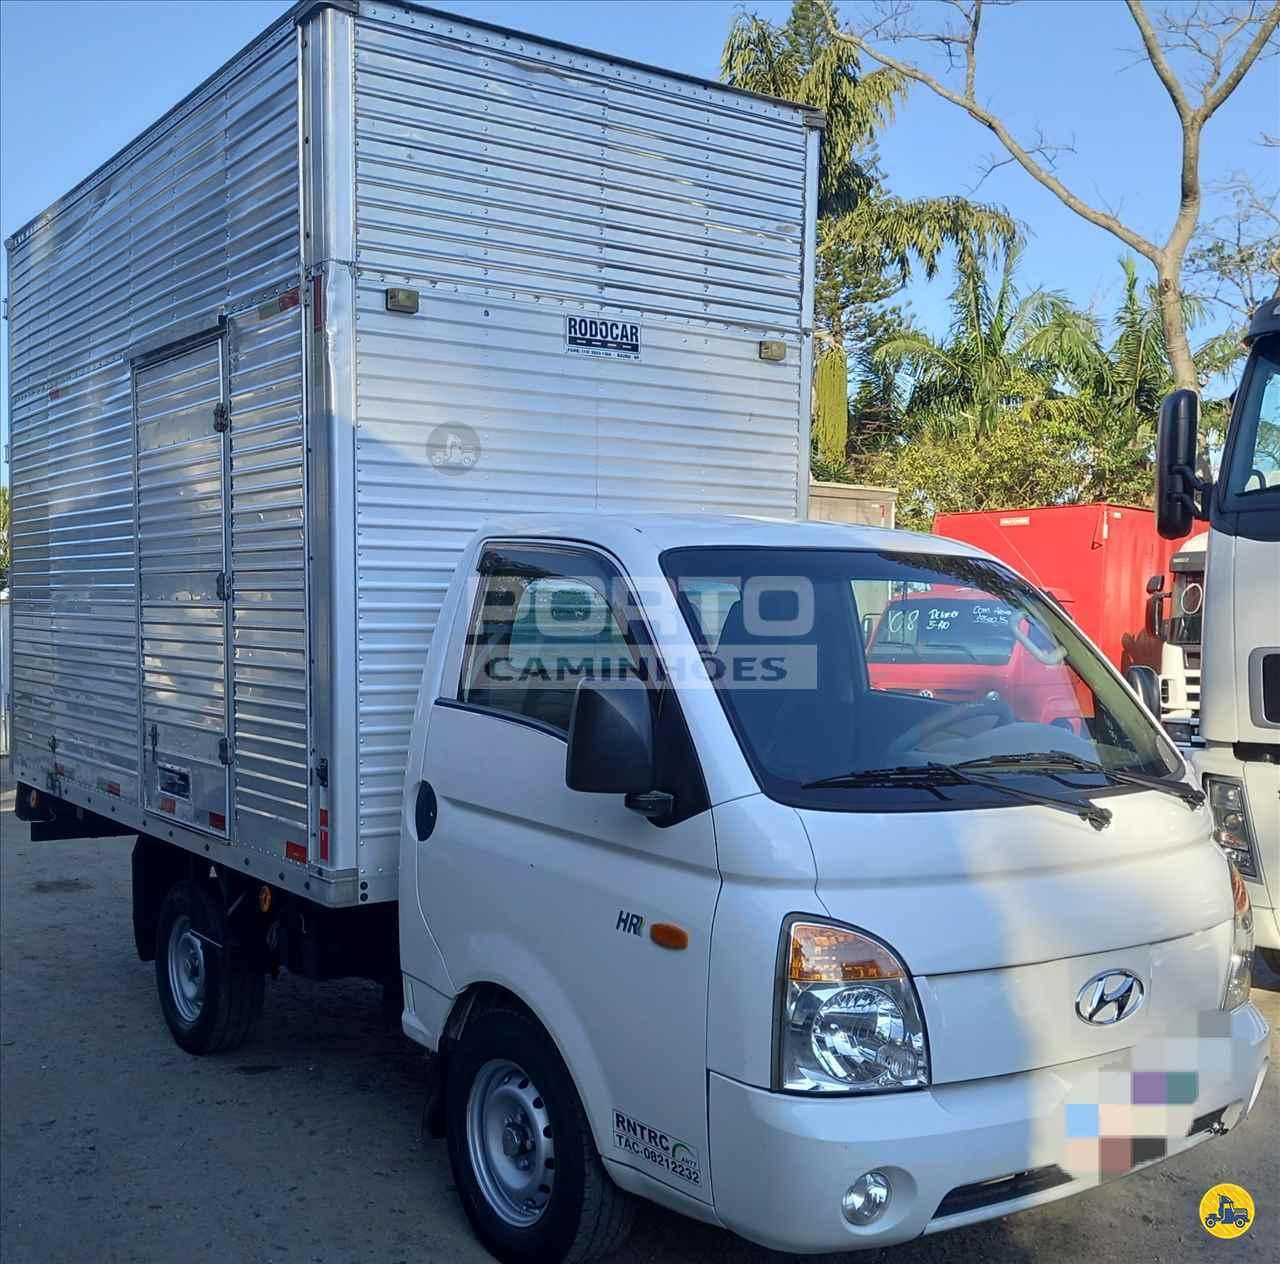 CAMINHAO HYUNDAI HR Cavalo Mecânico Toco 4x2 Porto Caminhões GUARULHOS SÃO PAULO SP